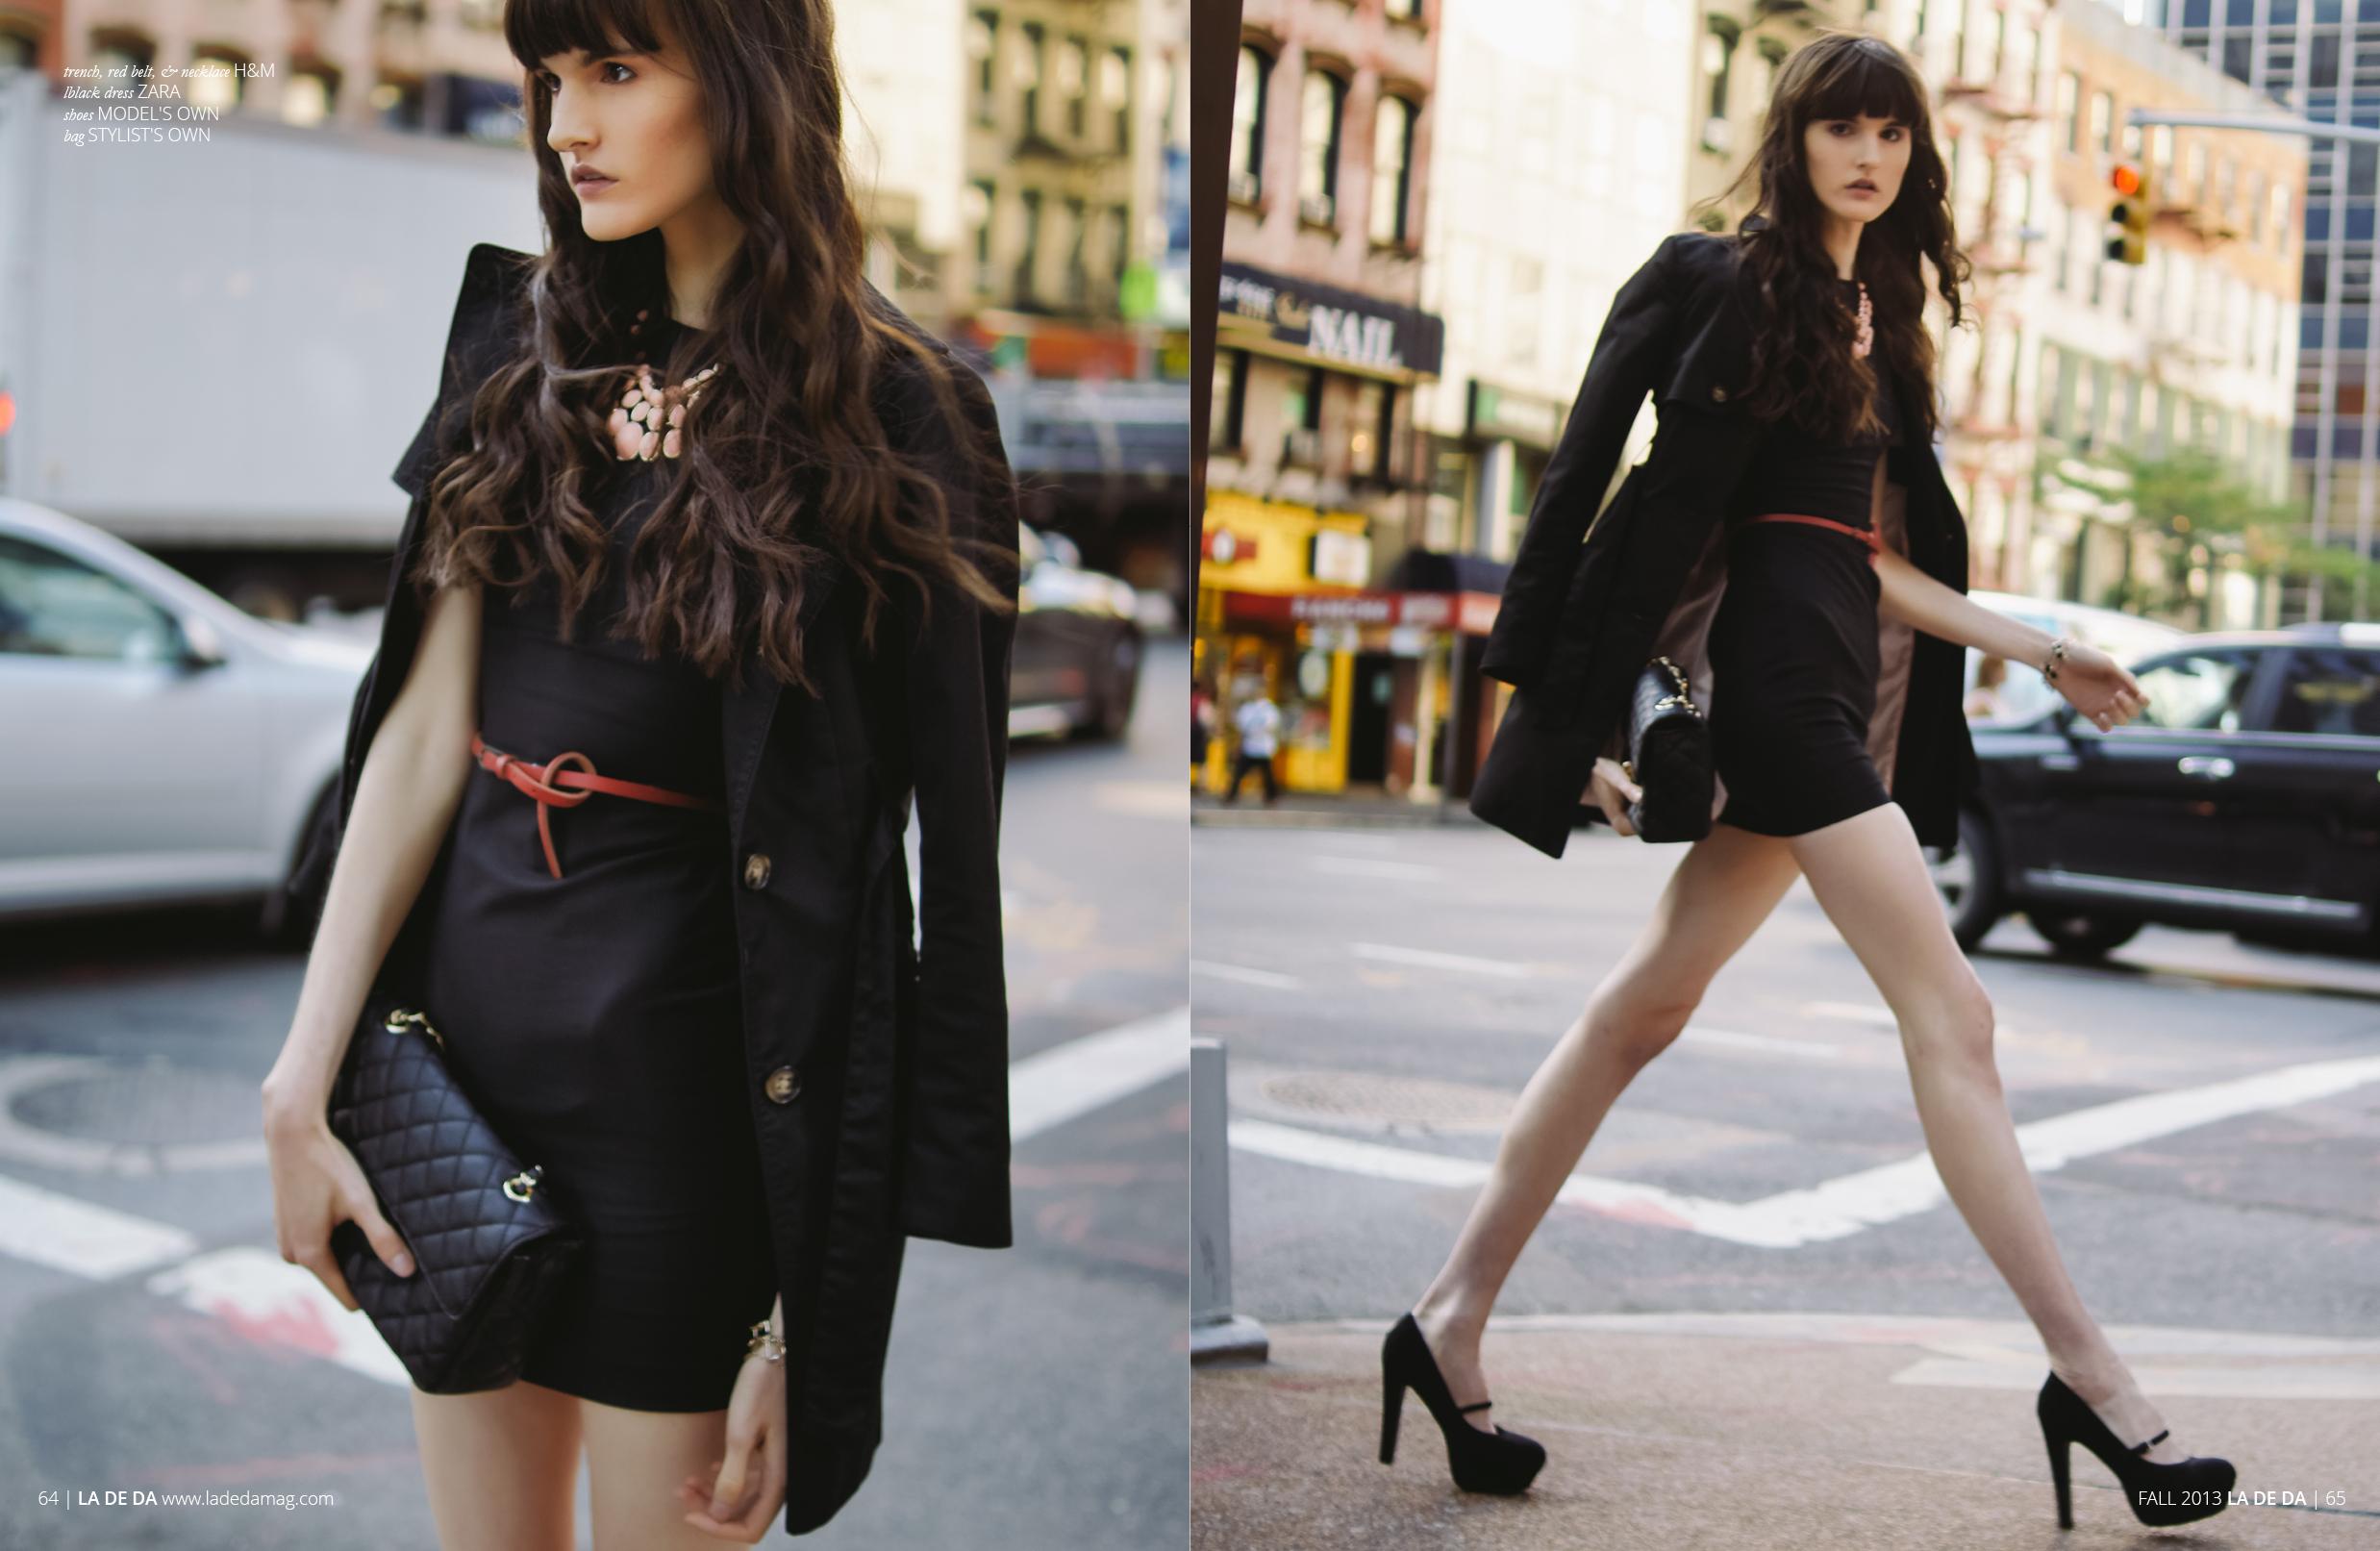 Alexandria Serafini shot by Brittanny Taylor for La De Da Magazine